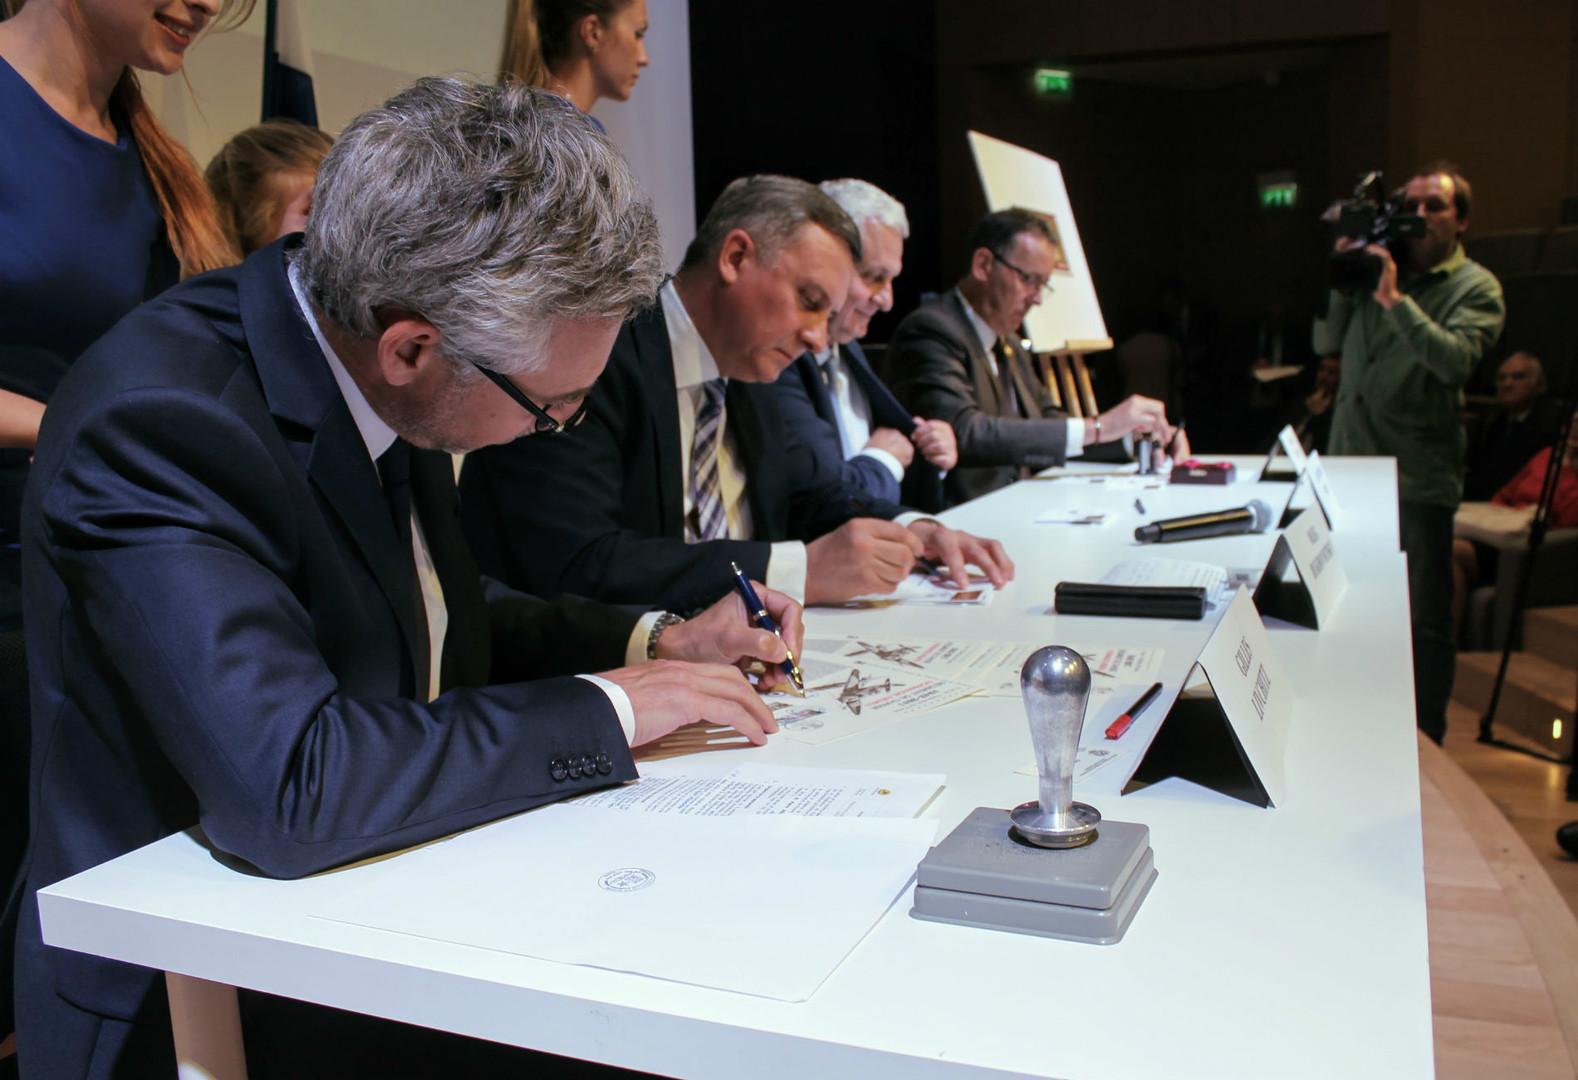 De gauche à droite : M. Gilles Livchitz, directeur de Phil@poste, M. Oleg Doukhovnitskiy, chef de l'Agence fédérale de communication de la Fédération de Russie, S.E.M. Alexandre Orlov, ambassadeur de Russie en France, M. Pierre Rourre, président de l'association Mémorial Normandie-Niémen.